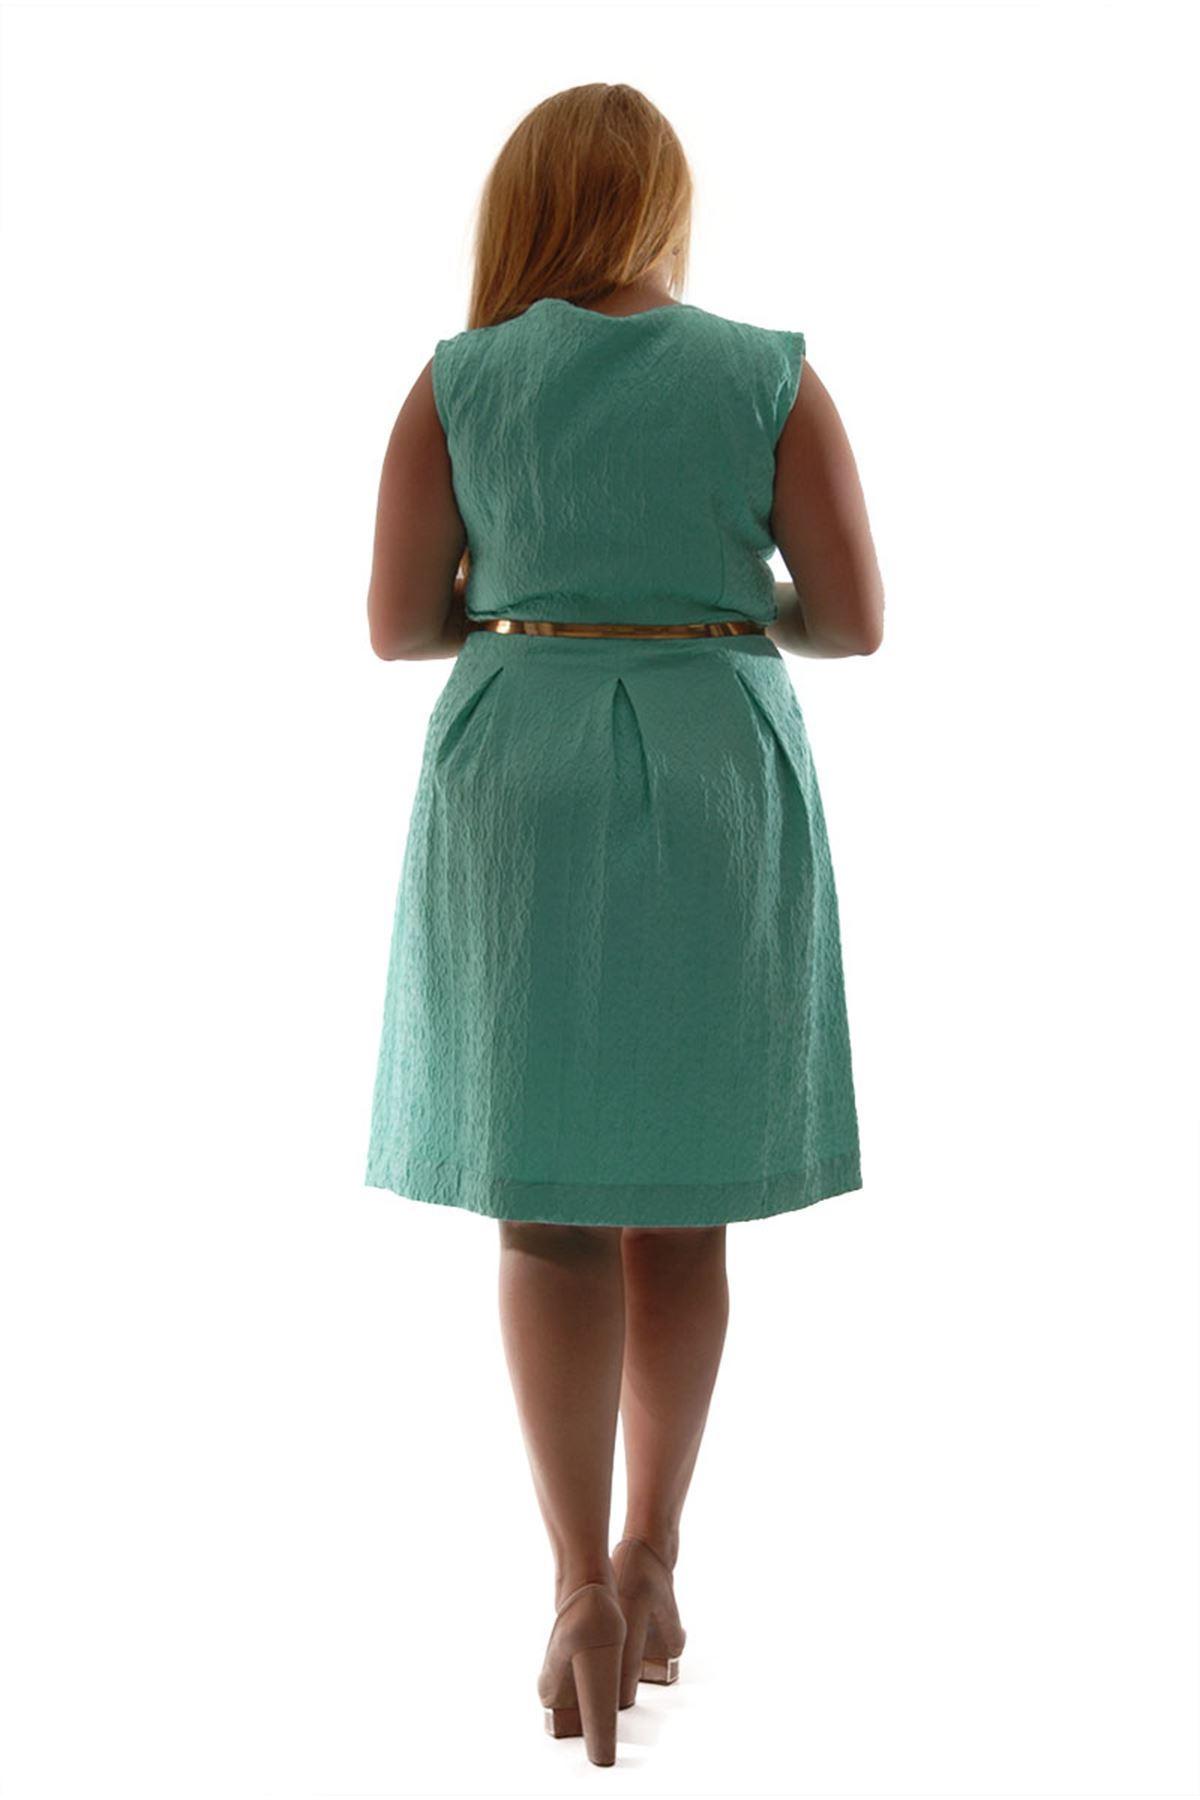 Jakarlı Kadın Elbise J3-52726